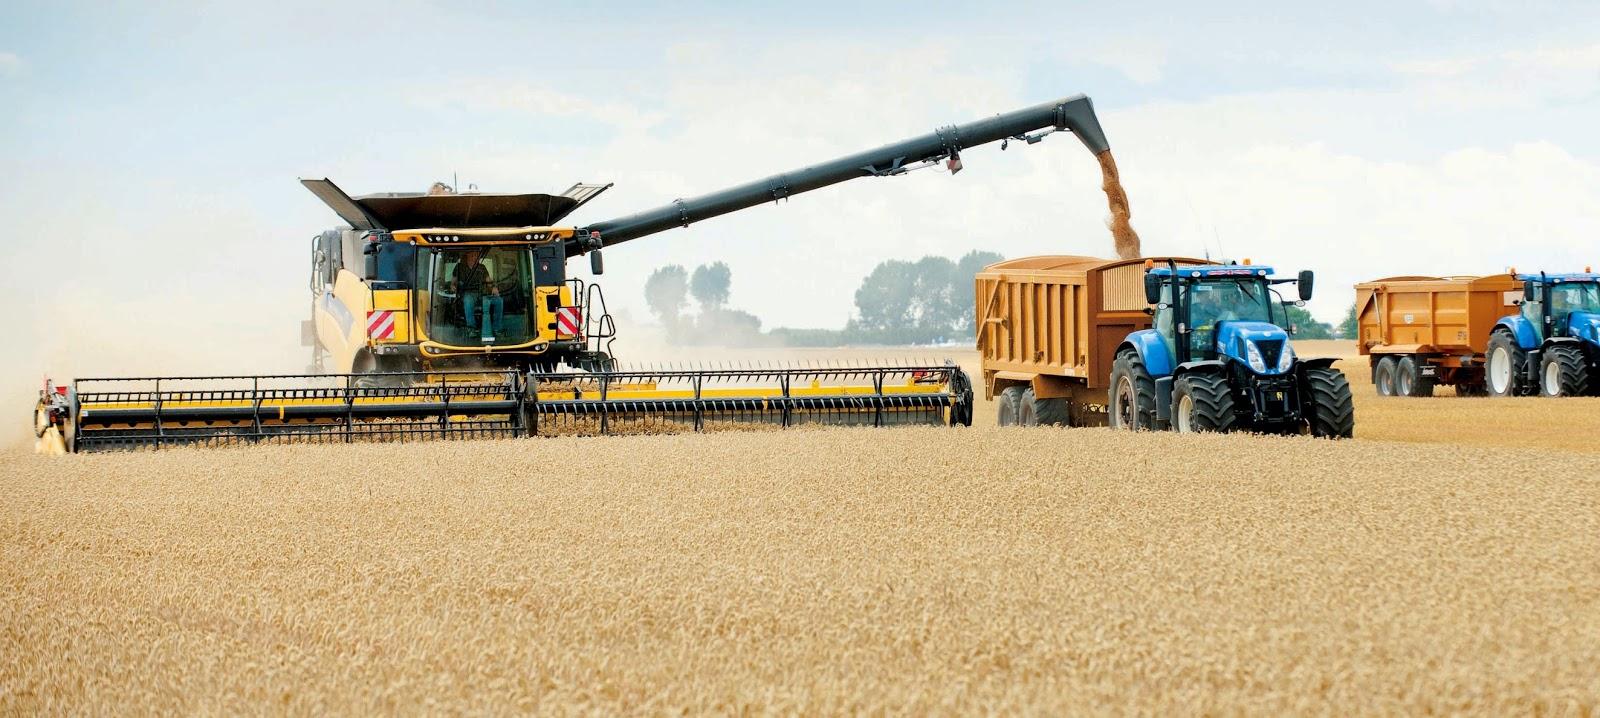 47c7e9d16b New Holland Agriculture ha rivendicato il titolo del GUINNESS WORLD  RECORDS™ essendo riuscita a raccogliere ben 797,656 tonnellate di grano in  otto ore con ...